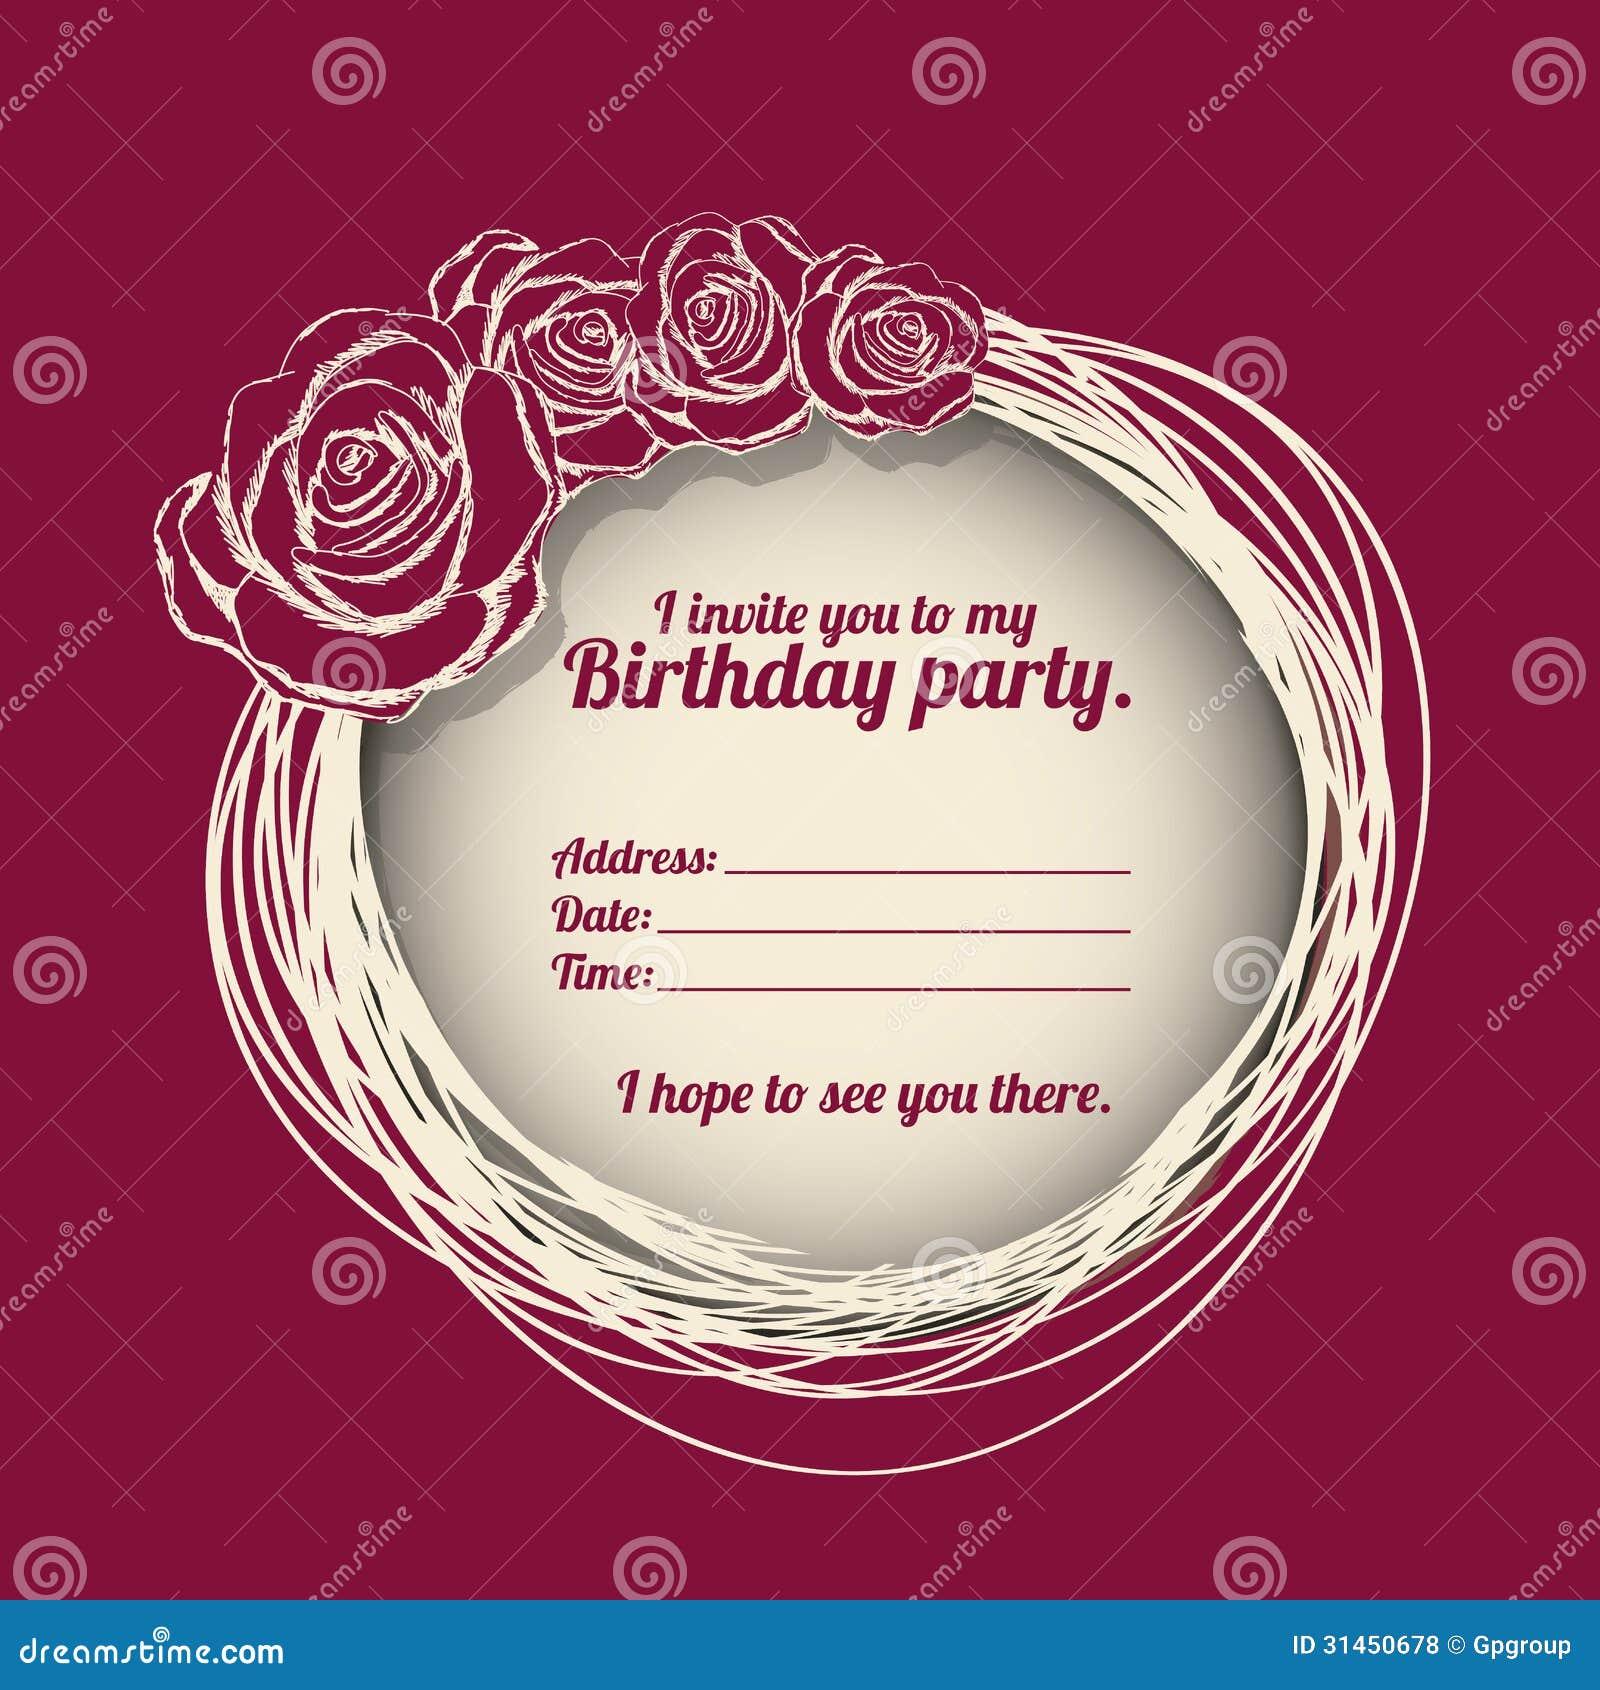 30Th Invitation Templates for adorable invitations ideas